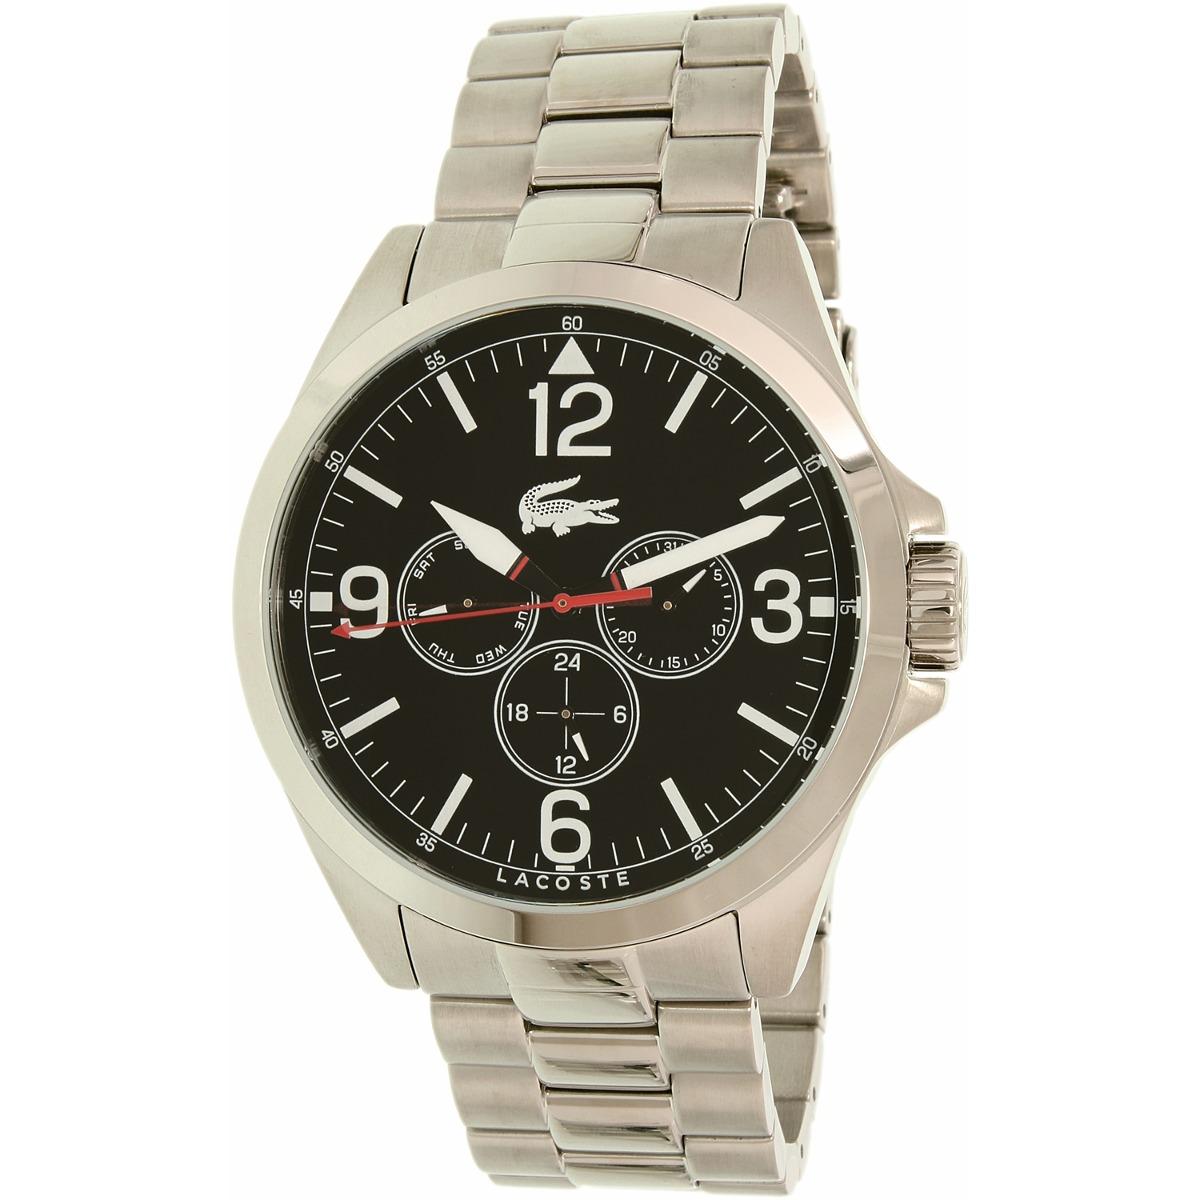 75fde362d296 reloj lacoste para hombre 2010808 montreal de cuarzo. Cargando zoom.